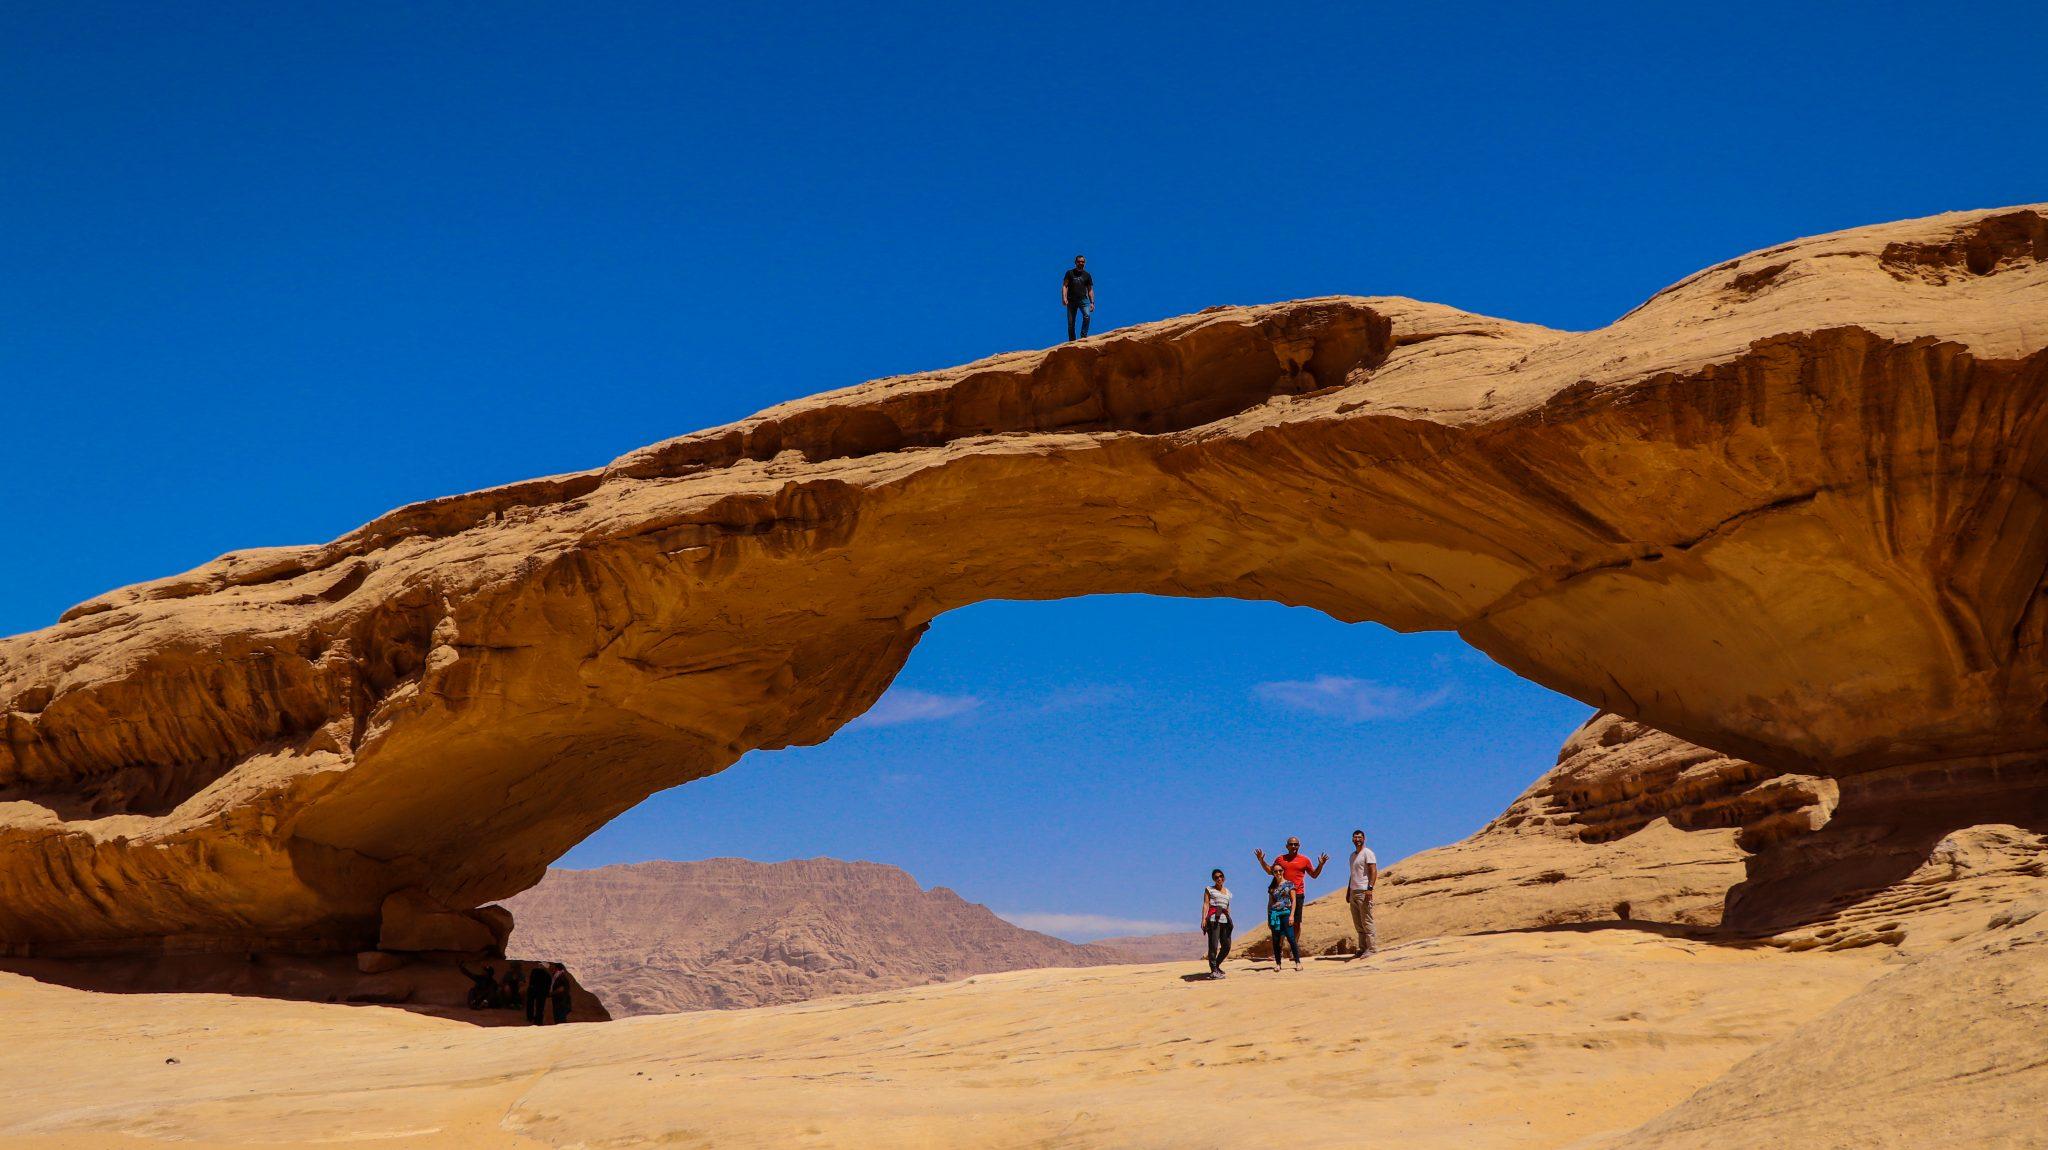 Les arches de grès du Wadi Rum